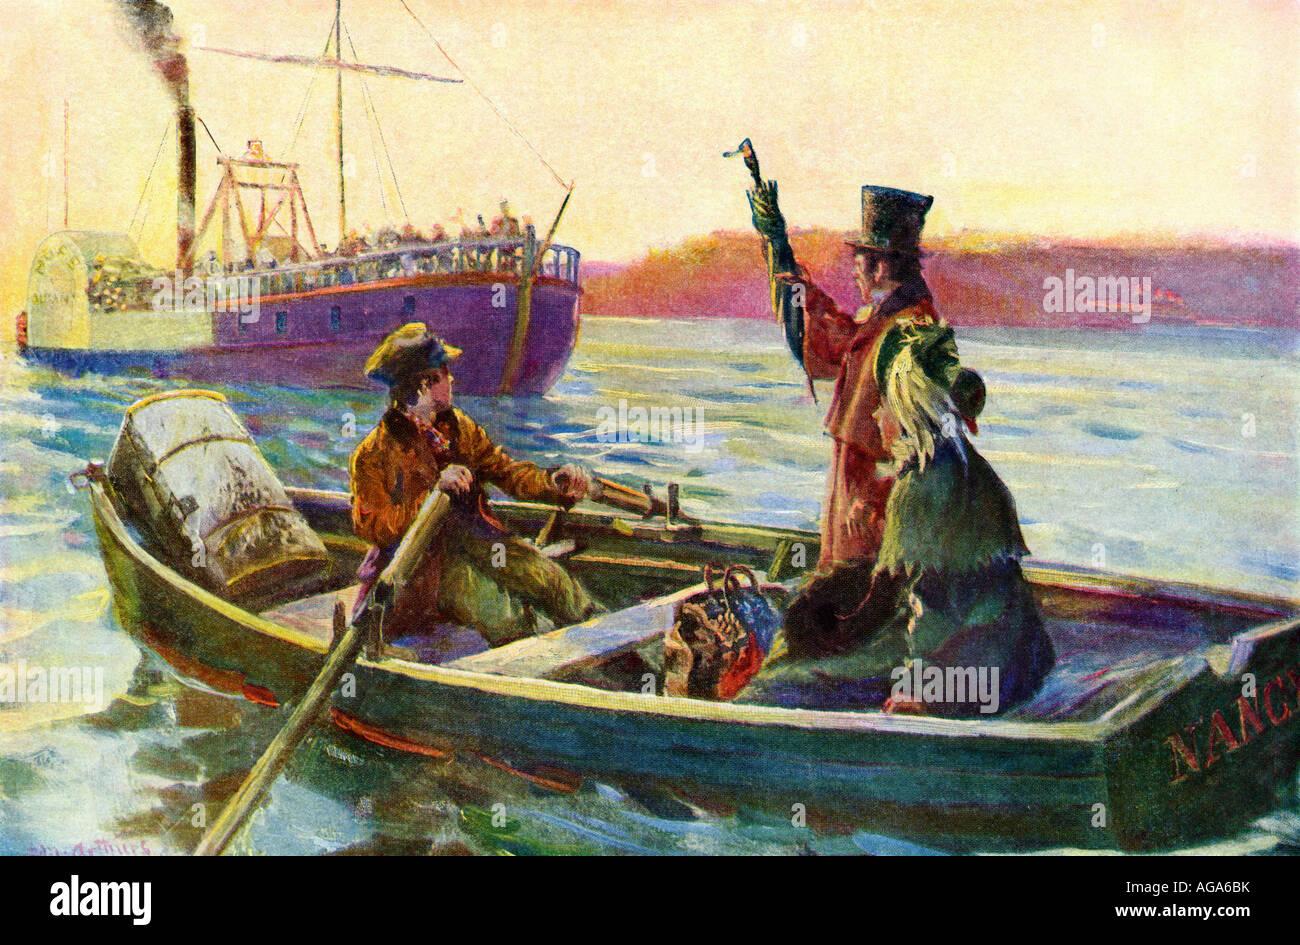 Les passagers à bord d'un bateau venant d'une barque au milieu de production au début des années Photo Stock